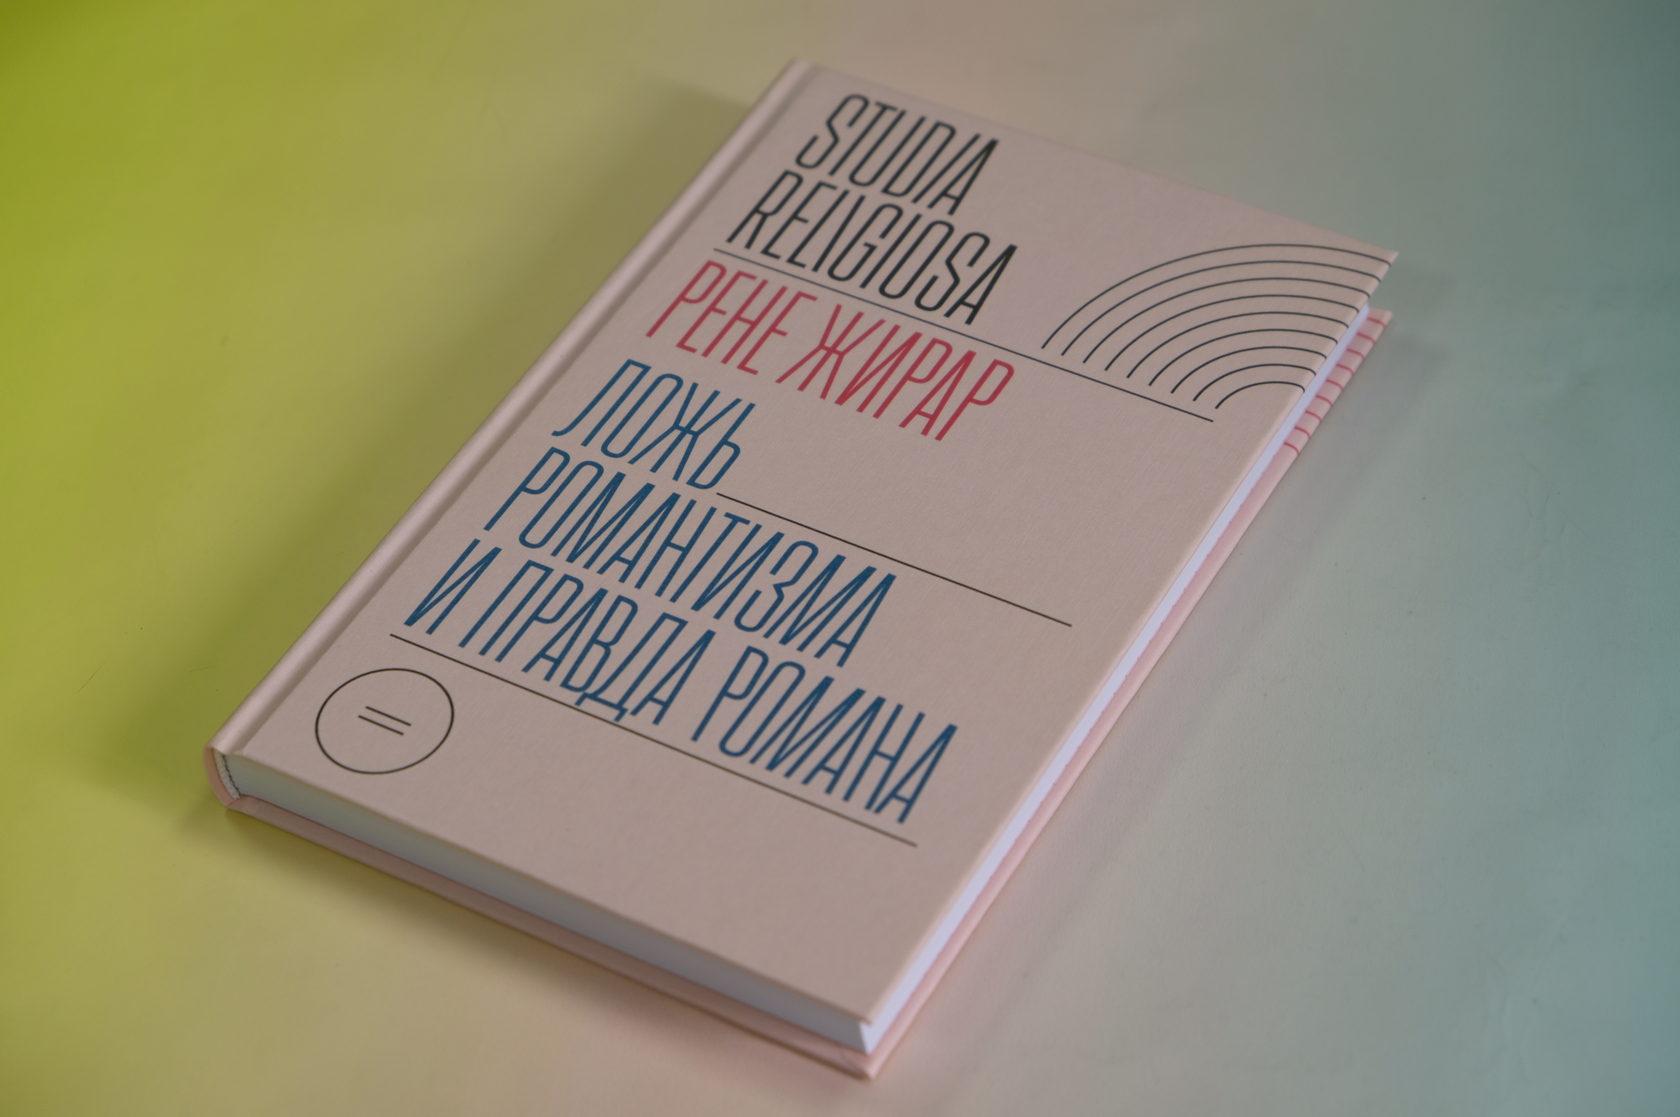 Купить книгу Рене Жирар «Ложь романтизма и правда романа»  978-5-4448-1103-0